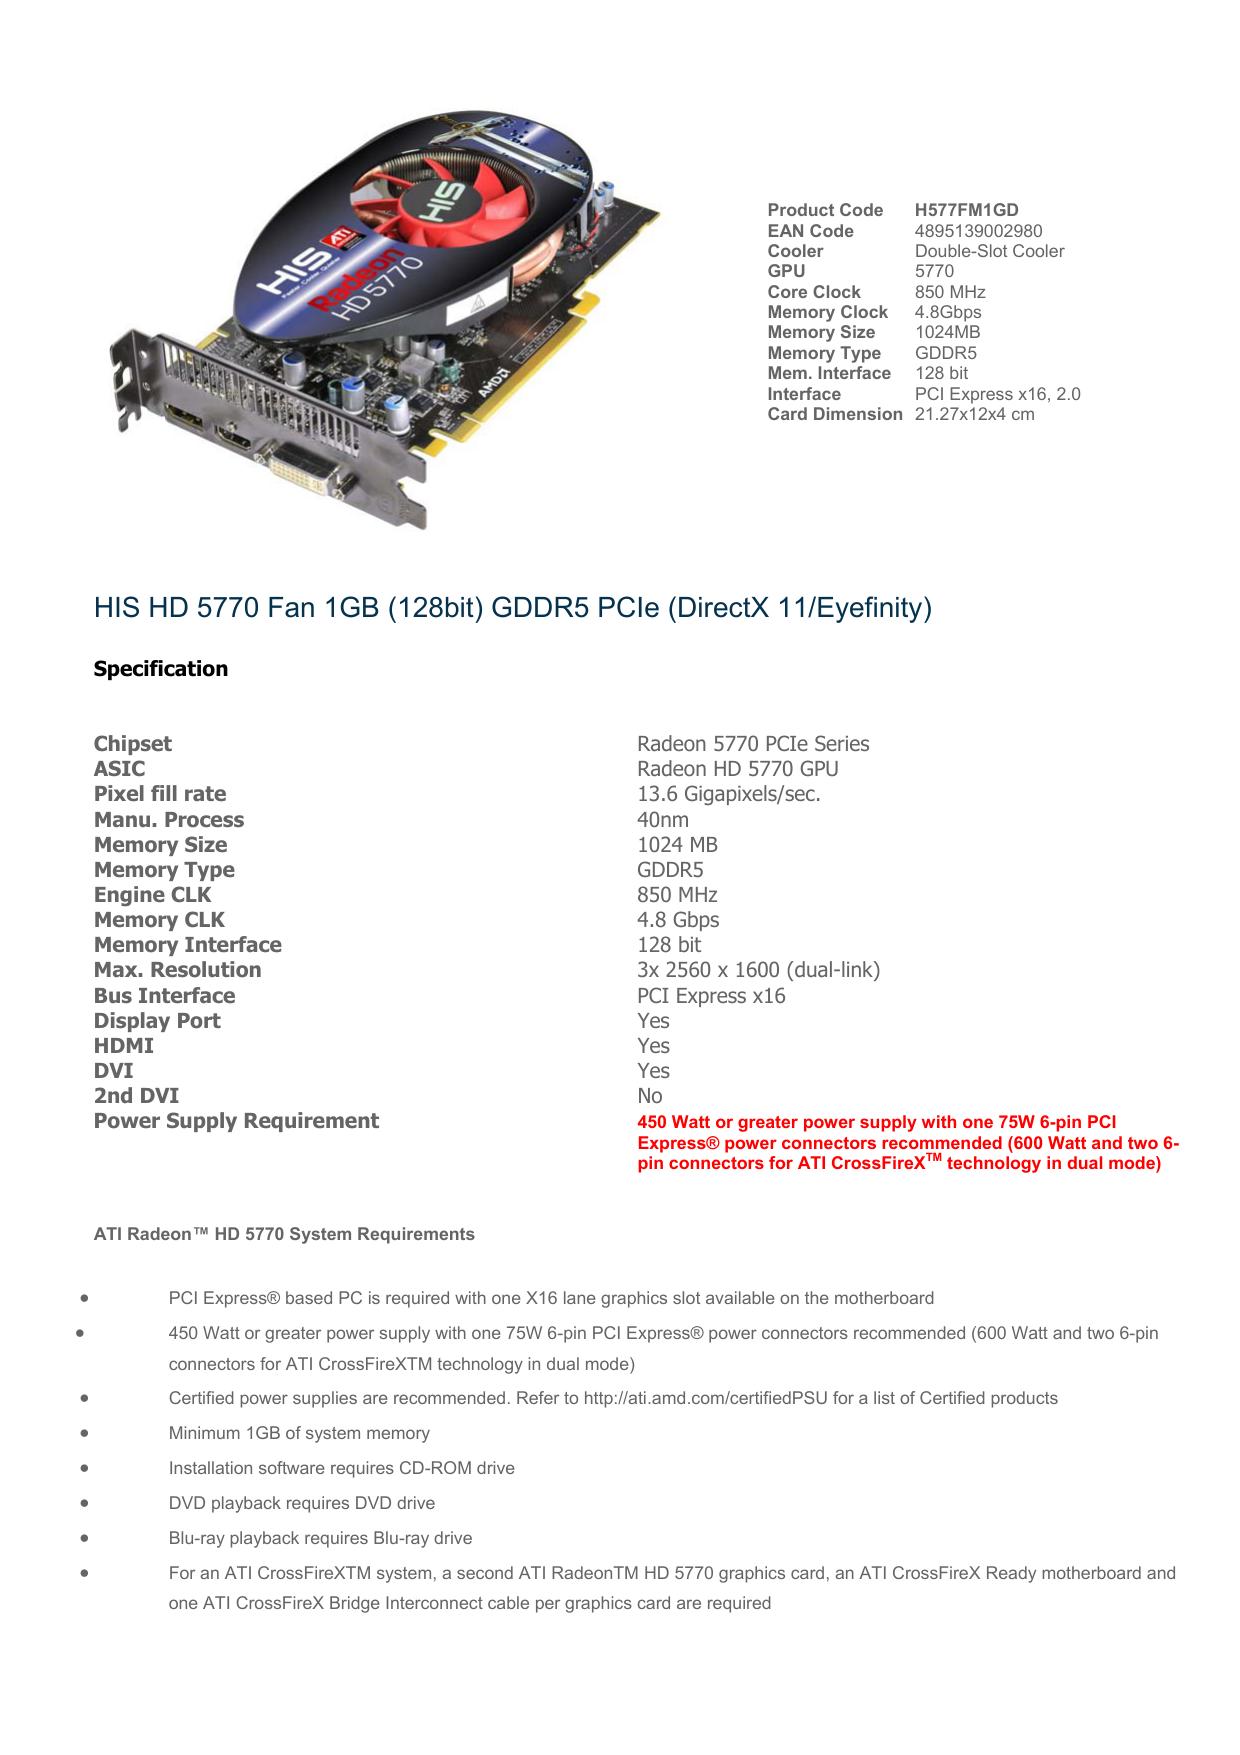 HIS HD 5770 Fan 1GB (128bit) GDDR5 PCIe (DirectX 11